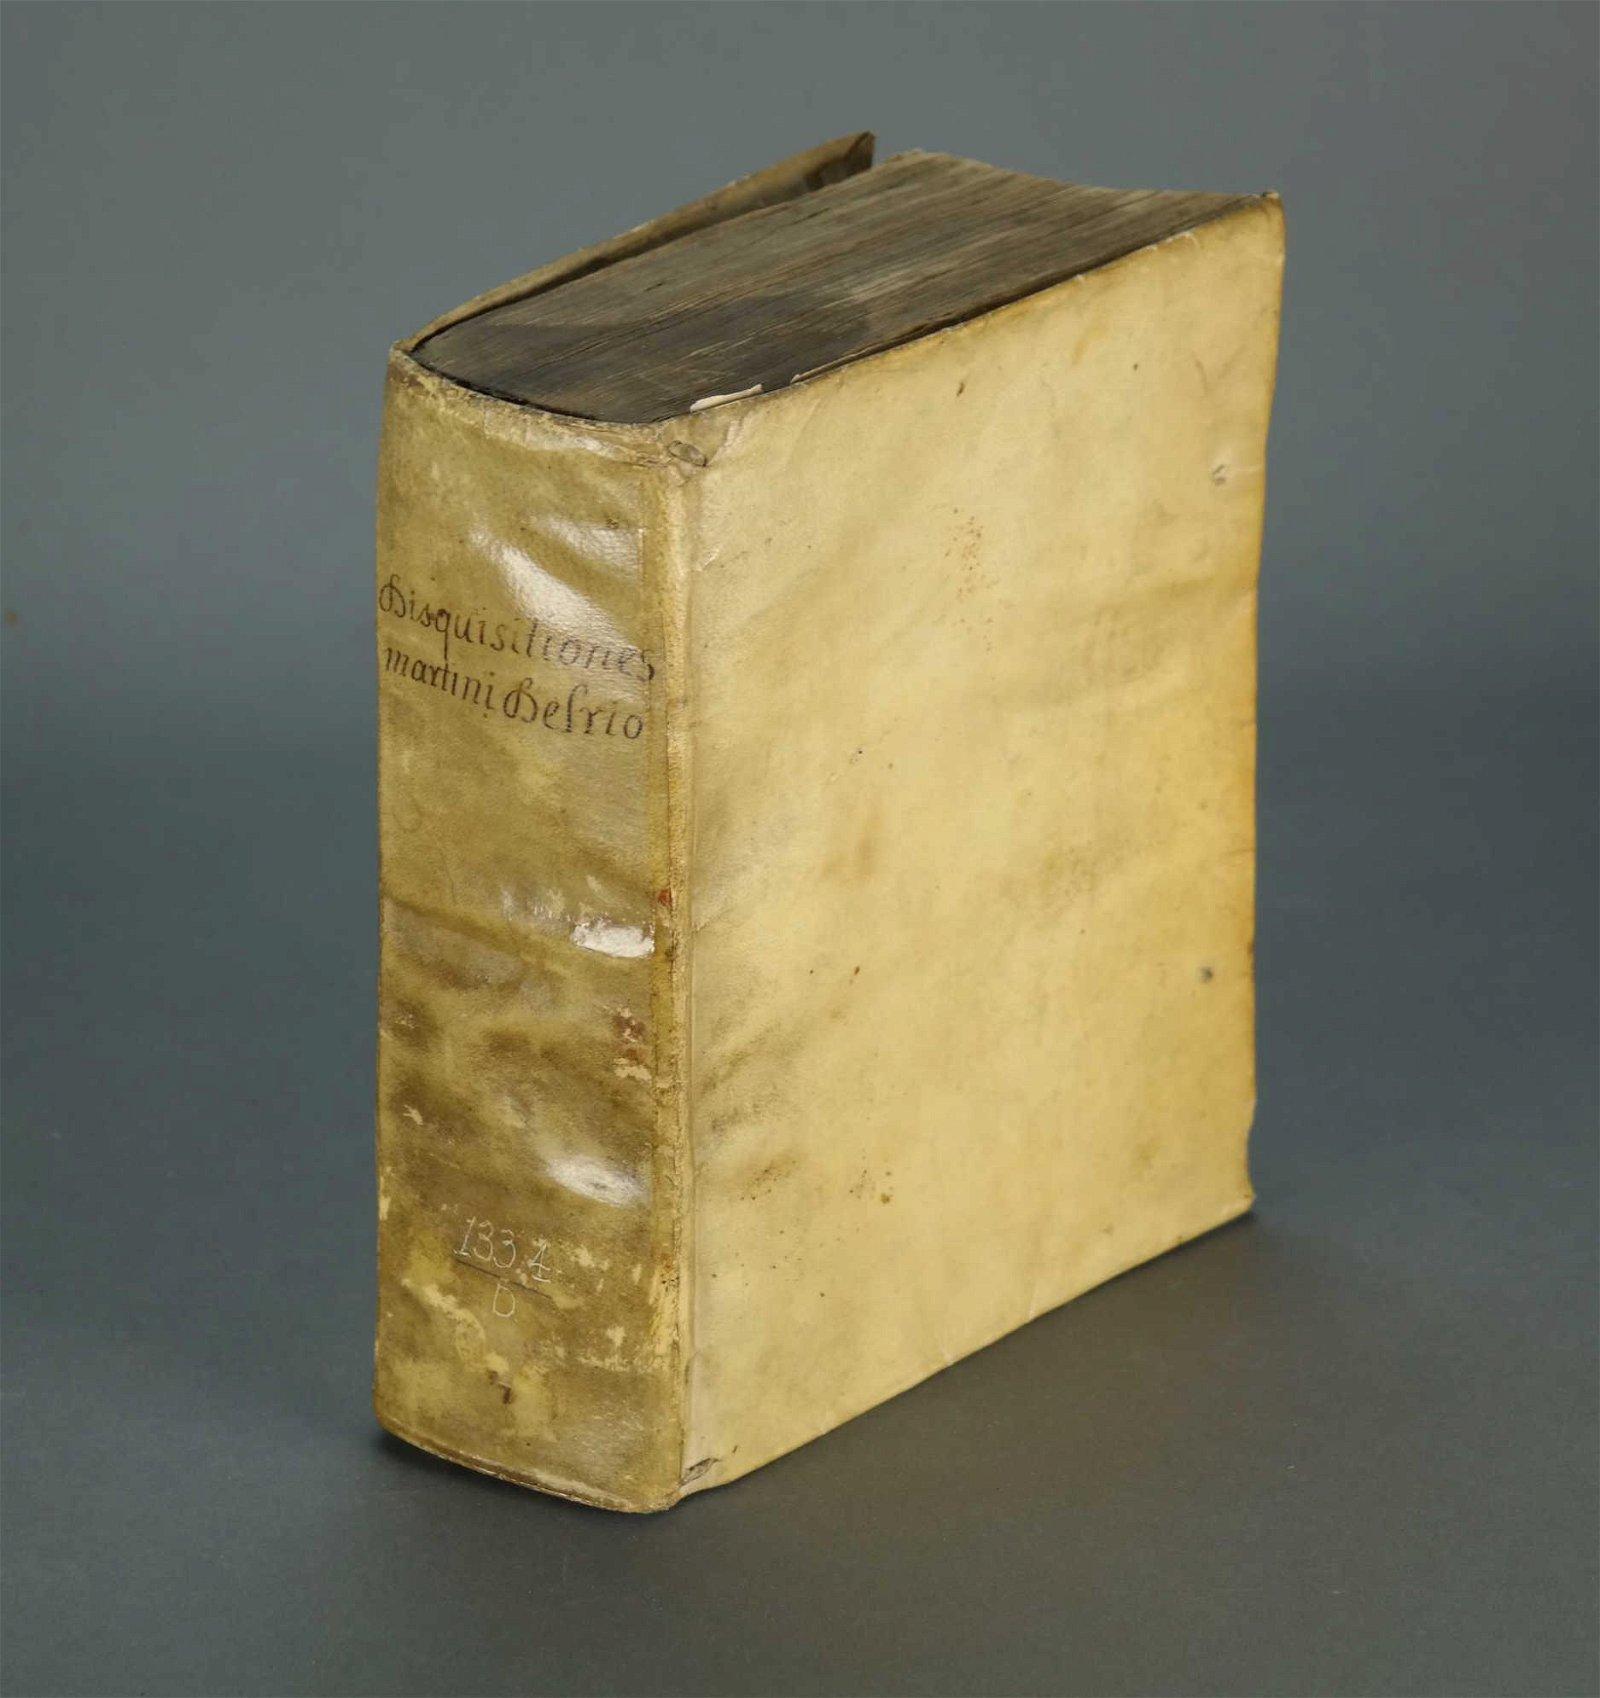 Disquisitionum magicarum libri sex. 1624.